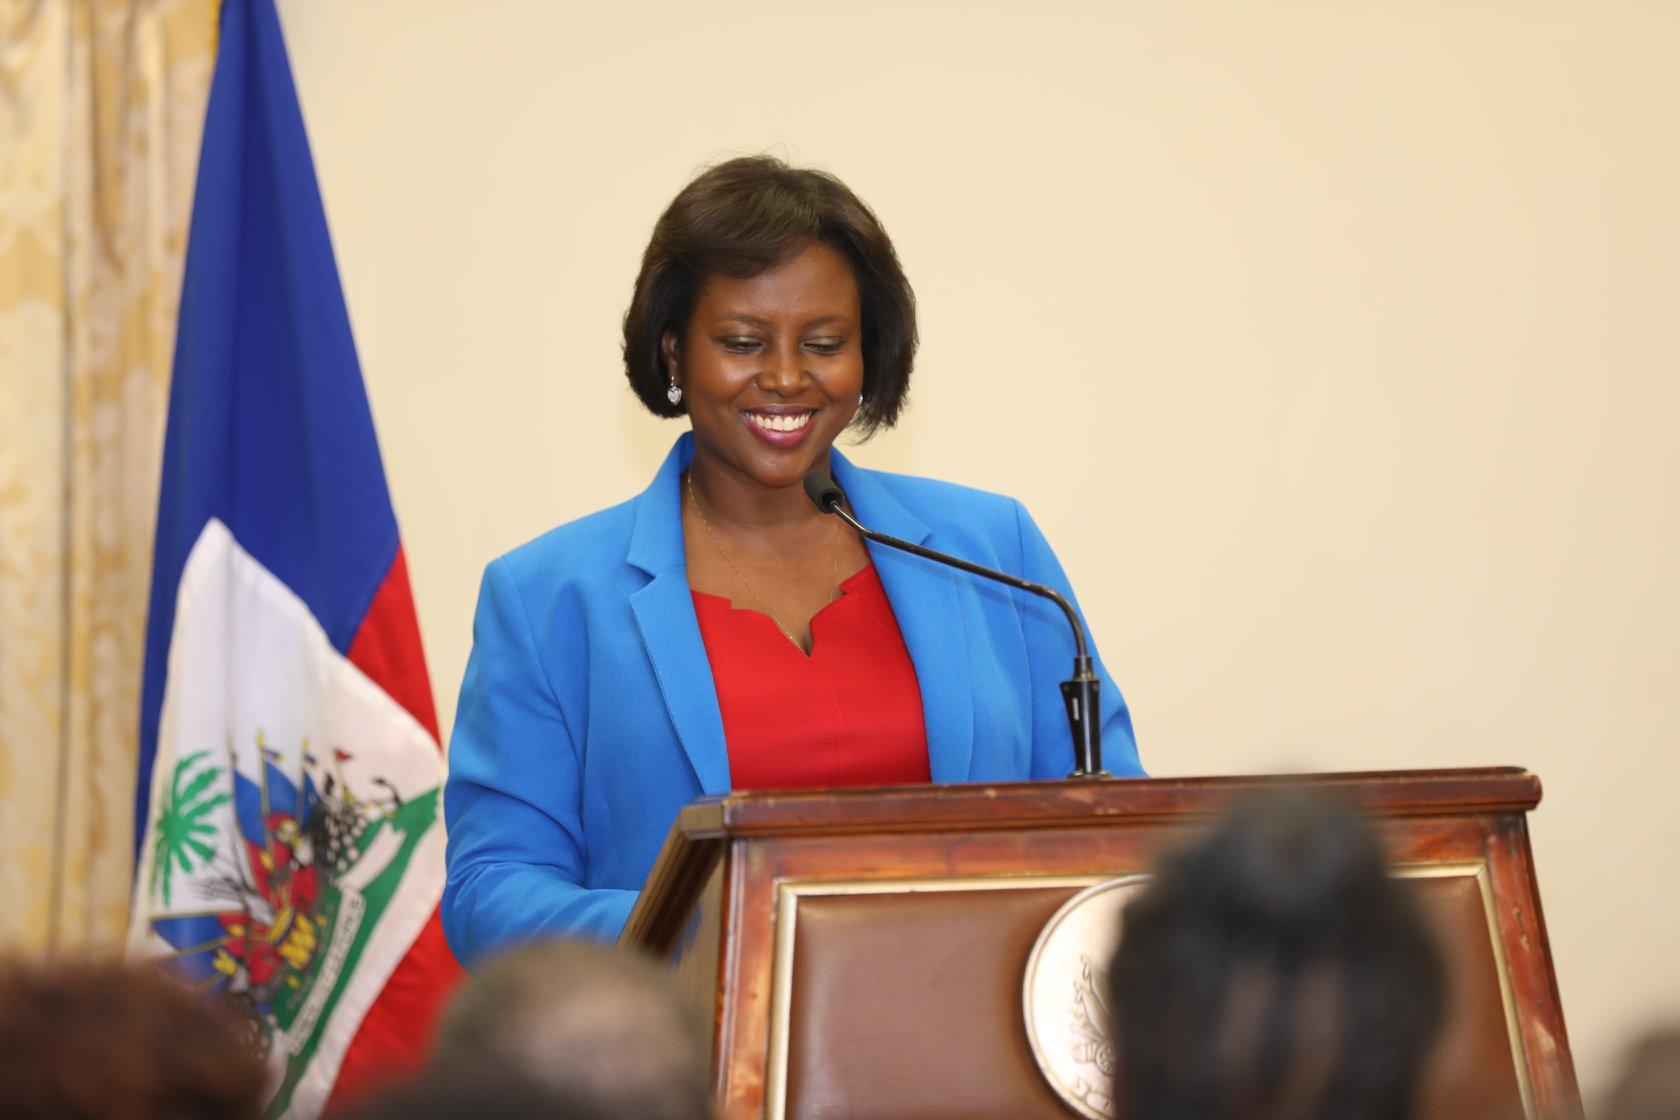 La première dame D'Haïti, Martine Moise Crédit photo : MCC